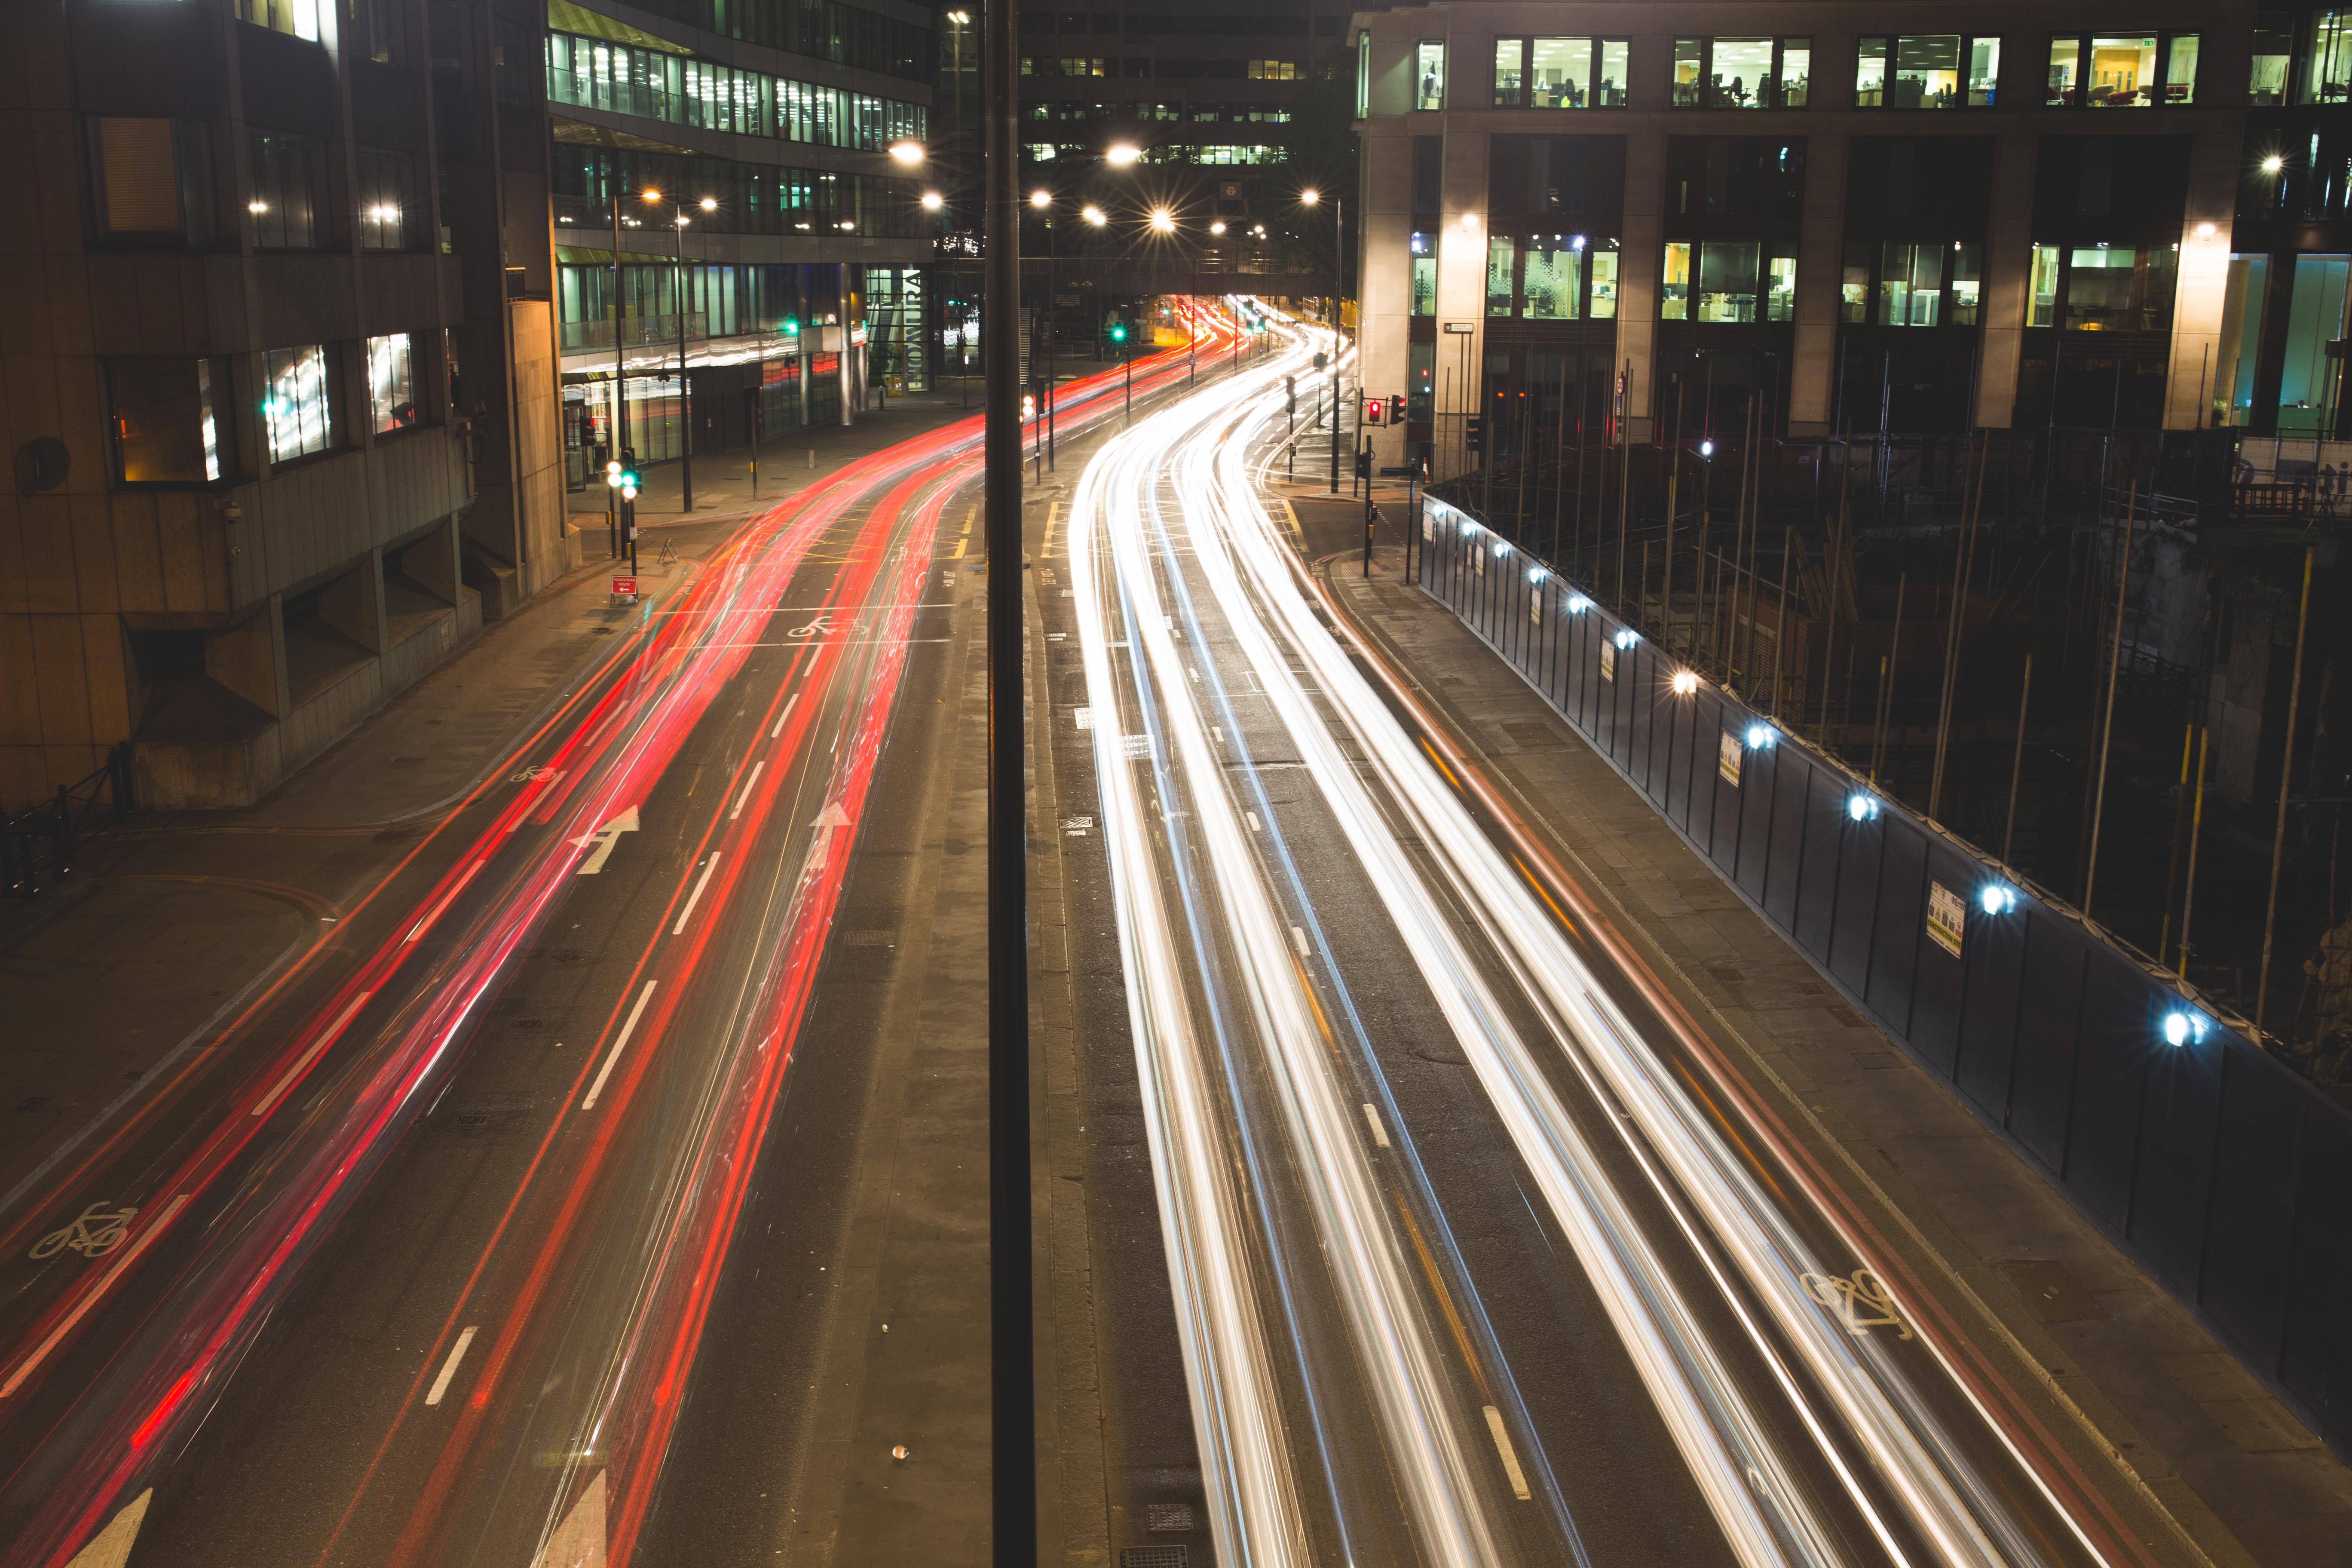 Fotoğraf ışık Iz Yol Sokak Gece Karayolu üst Geçit